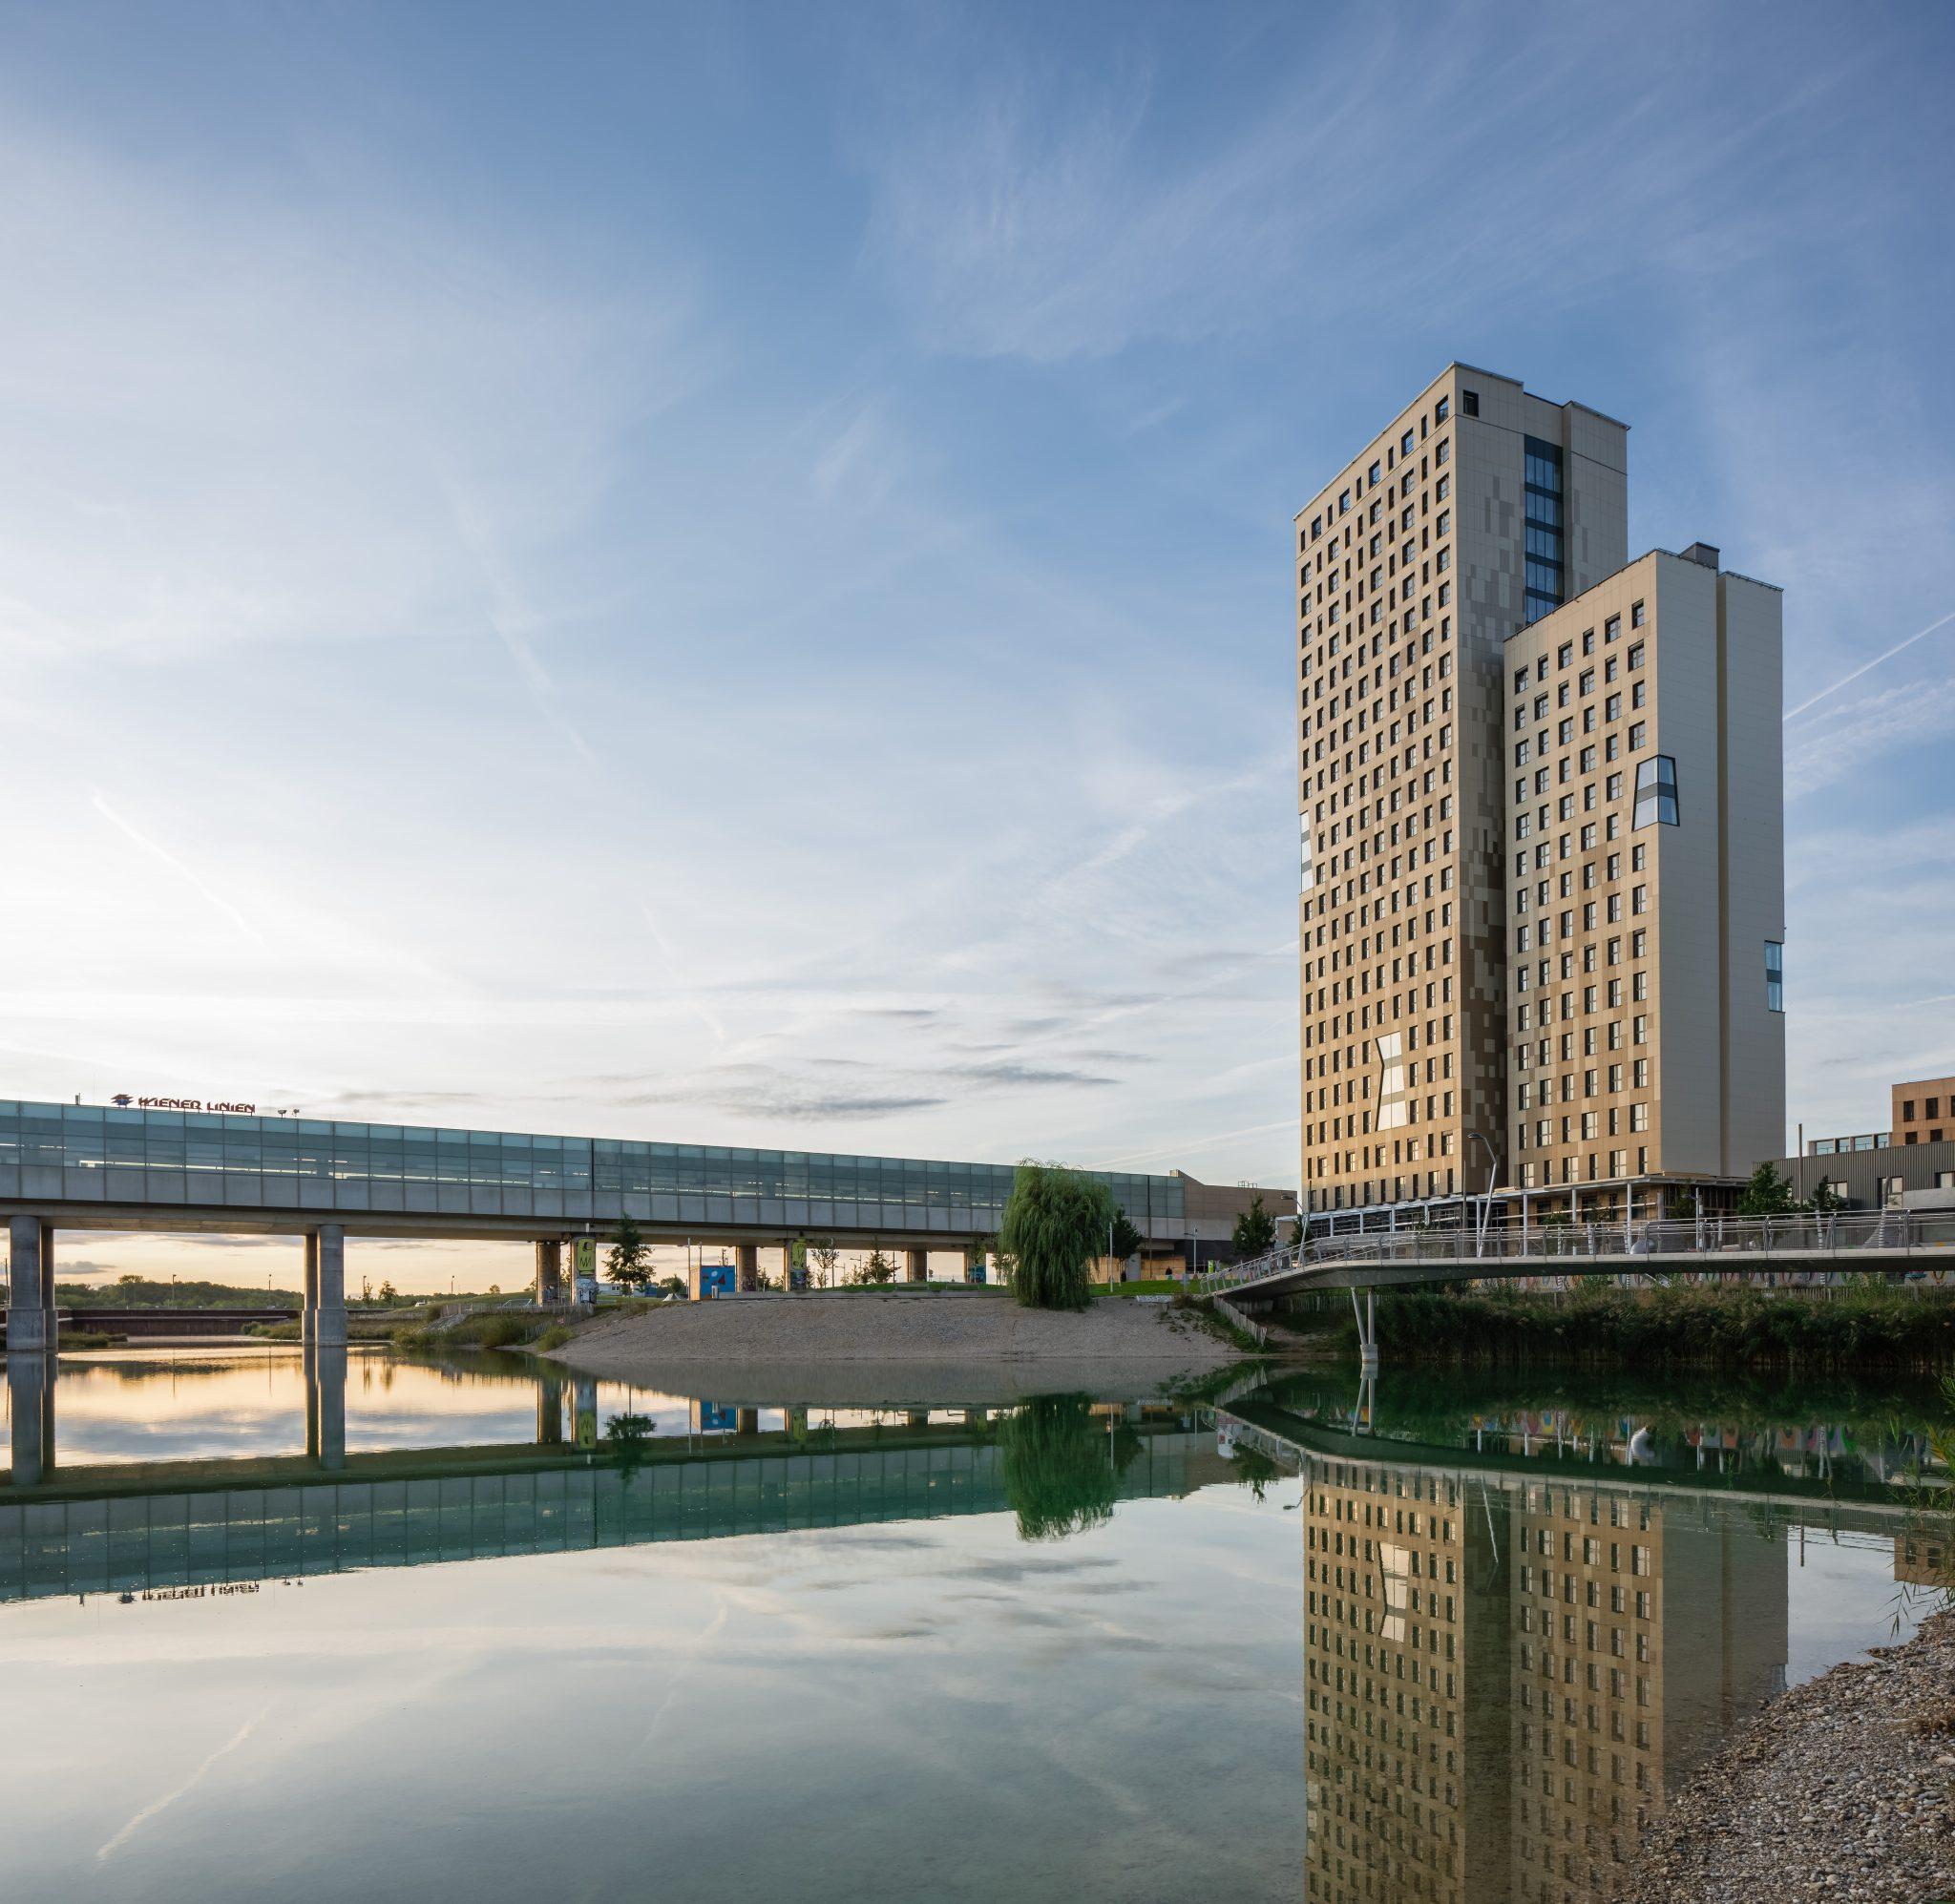 HoHo-Wien_Update_7_Sept-2019_c-cetus-Baudevelopment-u-kito-at